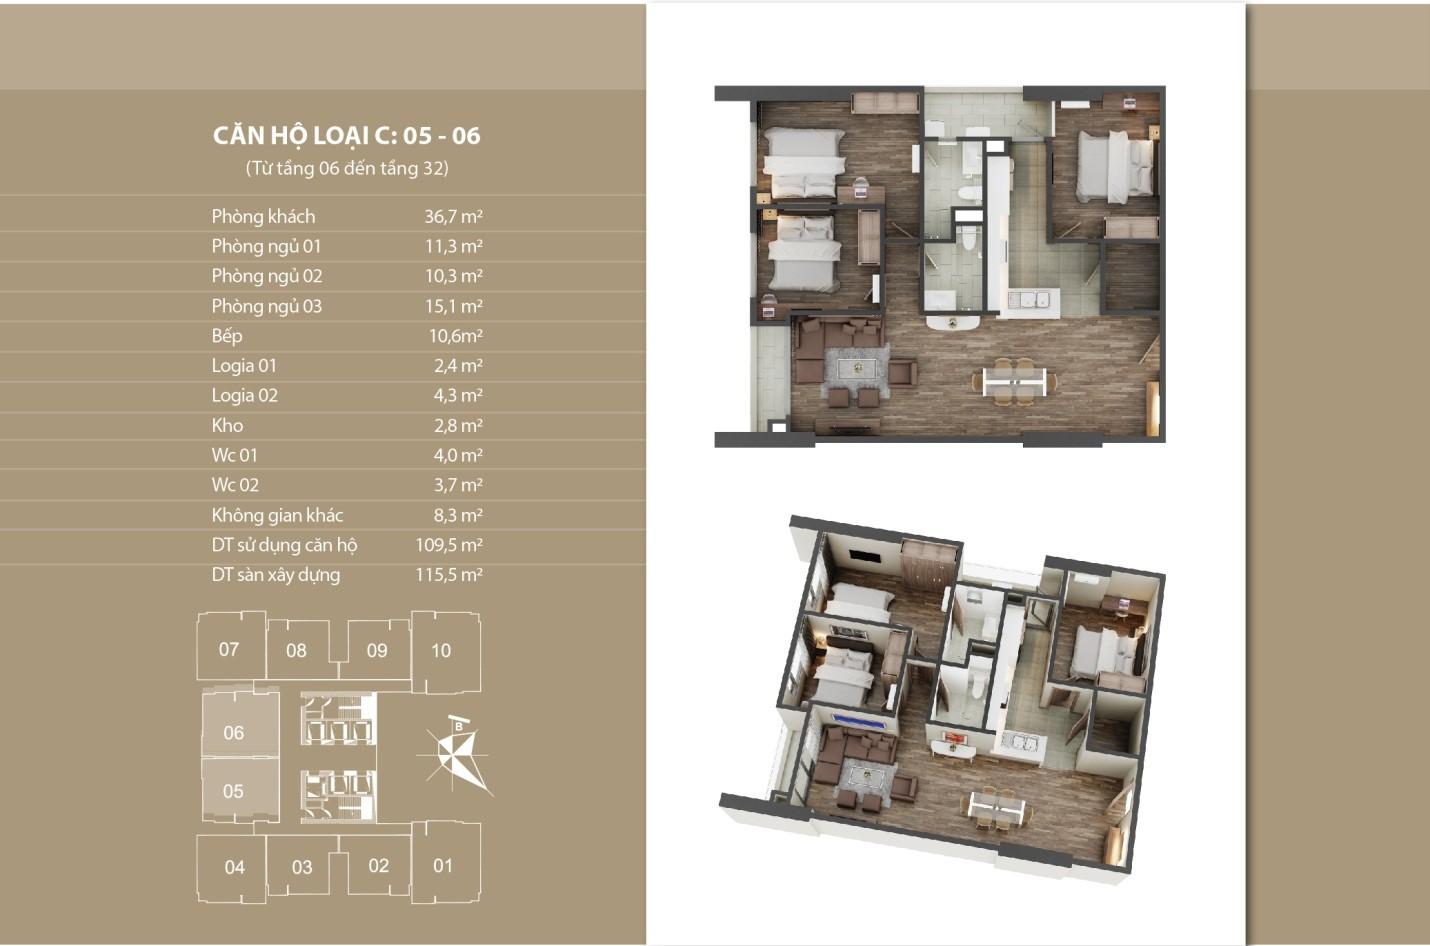 Thiết kế căn hộ 05 - 06 tầng 6 - 32